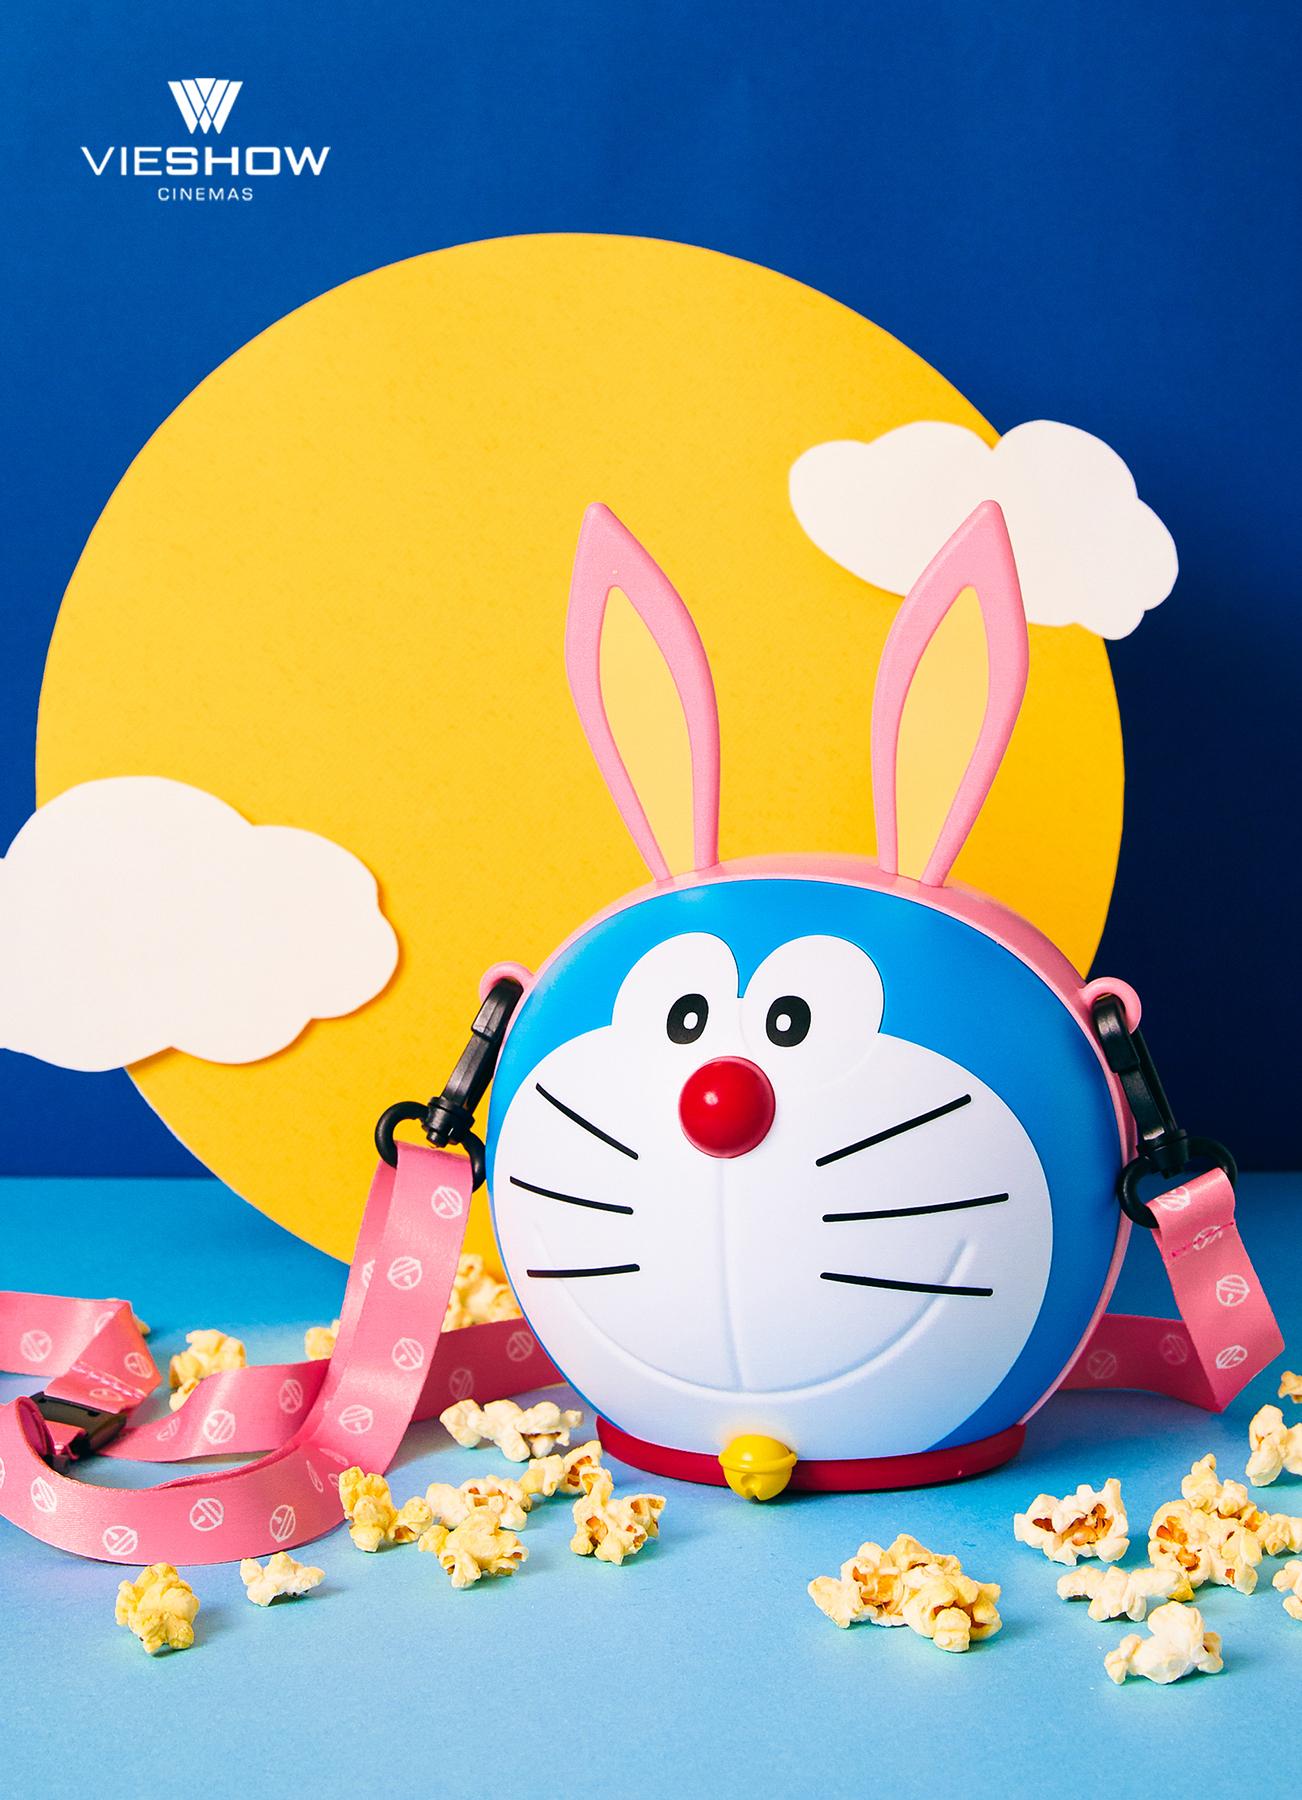 萌度徹底淪陷啊~童年的回憶哆啦A夢變身造型月兔。威秀影城獨賣電影限定周邊。抱著一隻哆啦A夢趴趴走簡直 ...